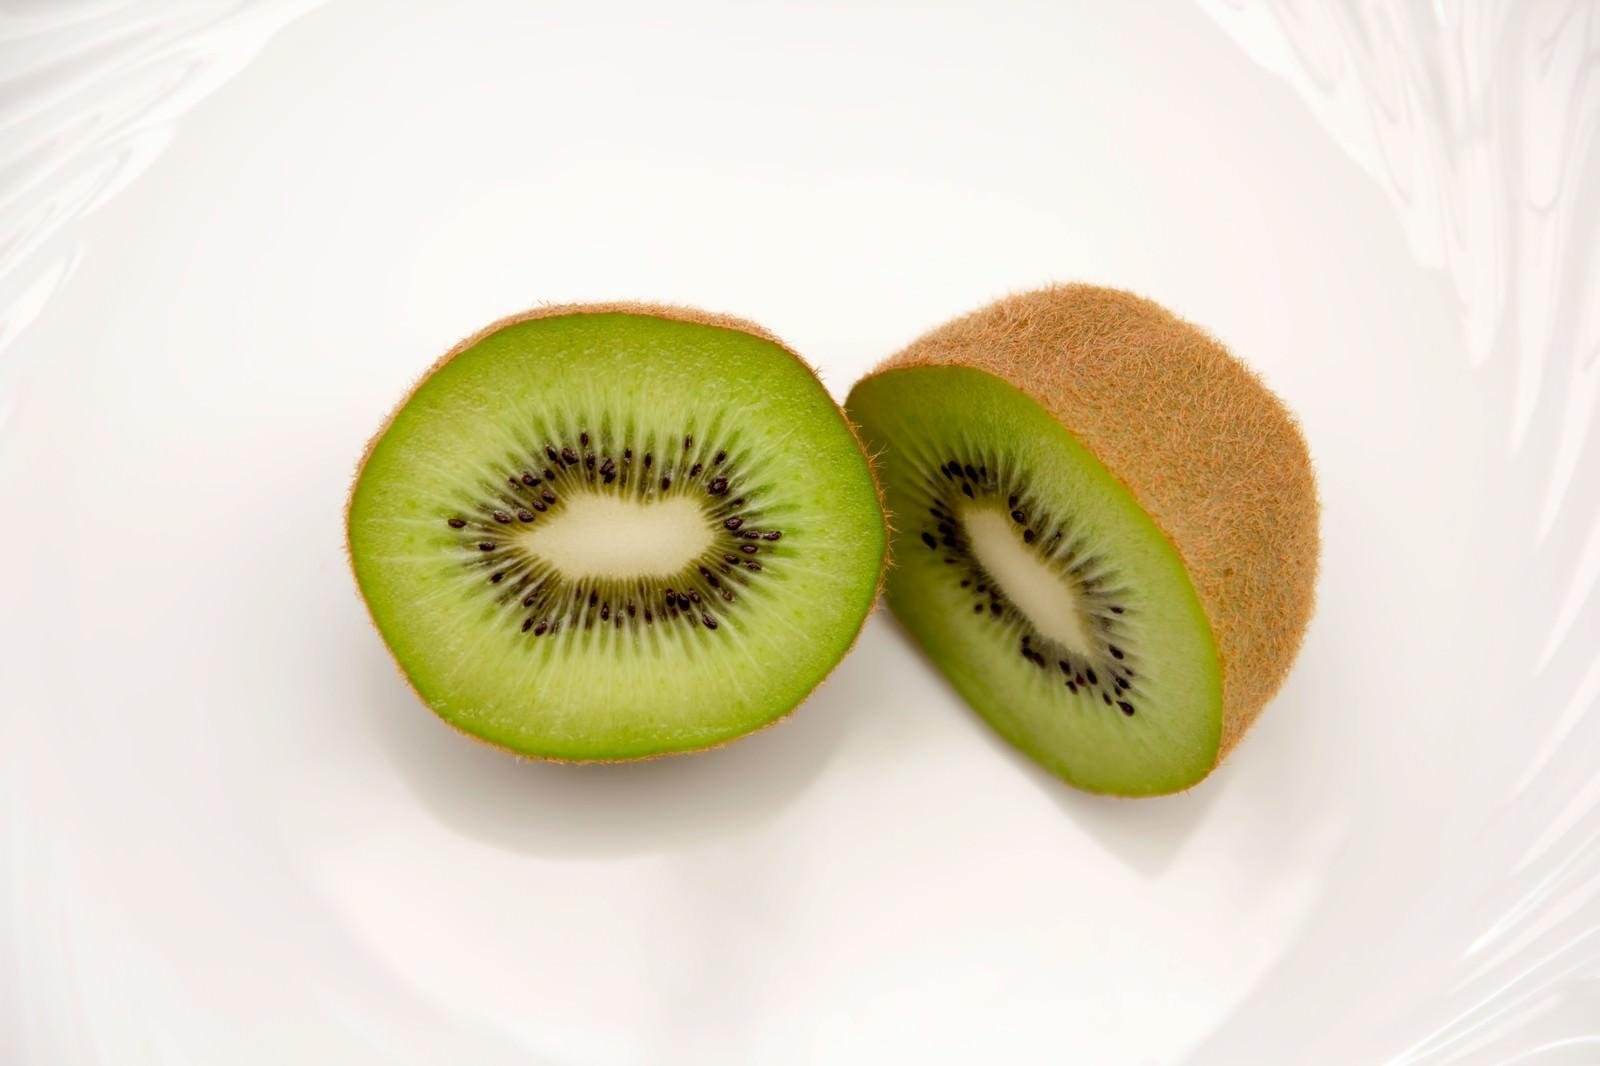 「カットしたキウイフルーツカットしたキウイフルーツ」のフリー写真素材を拡大